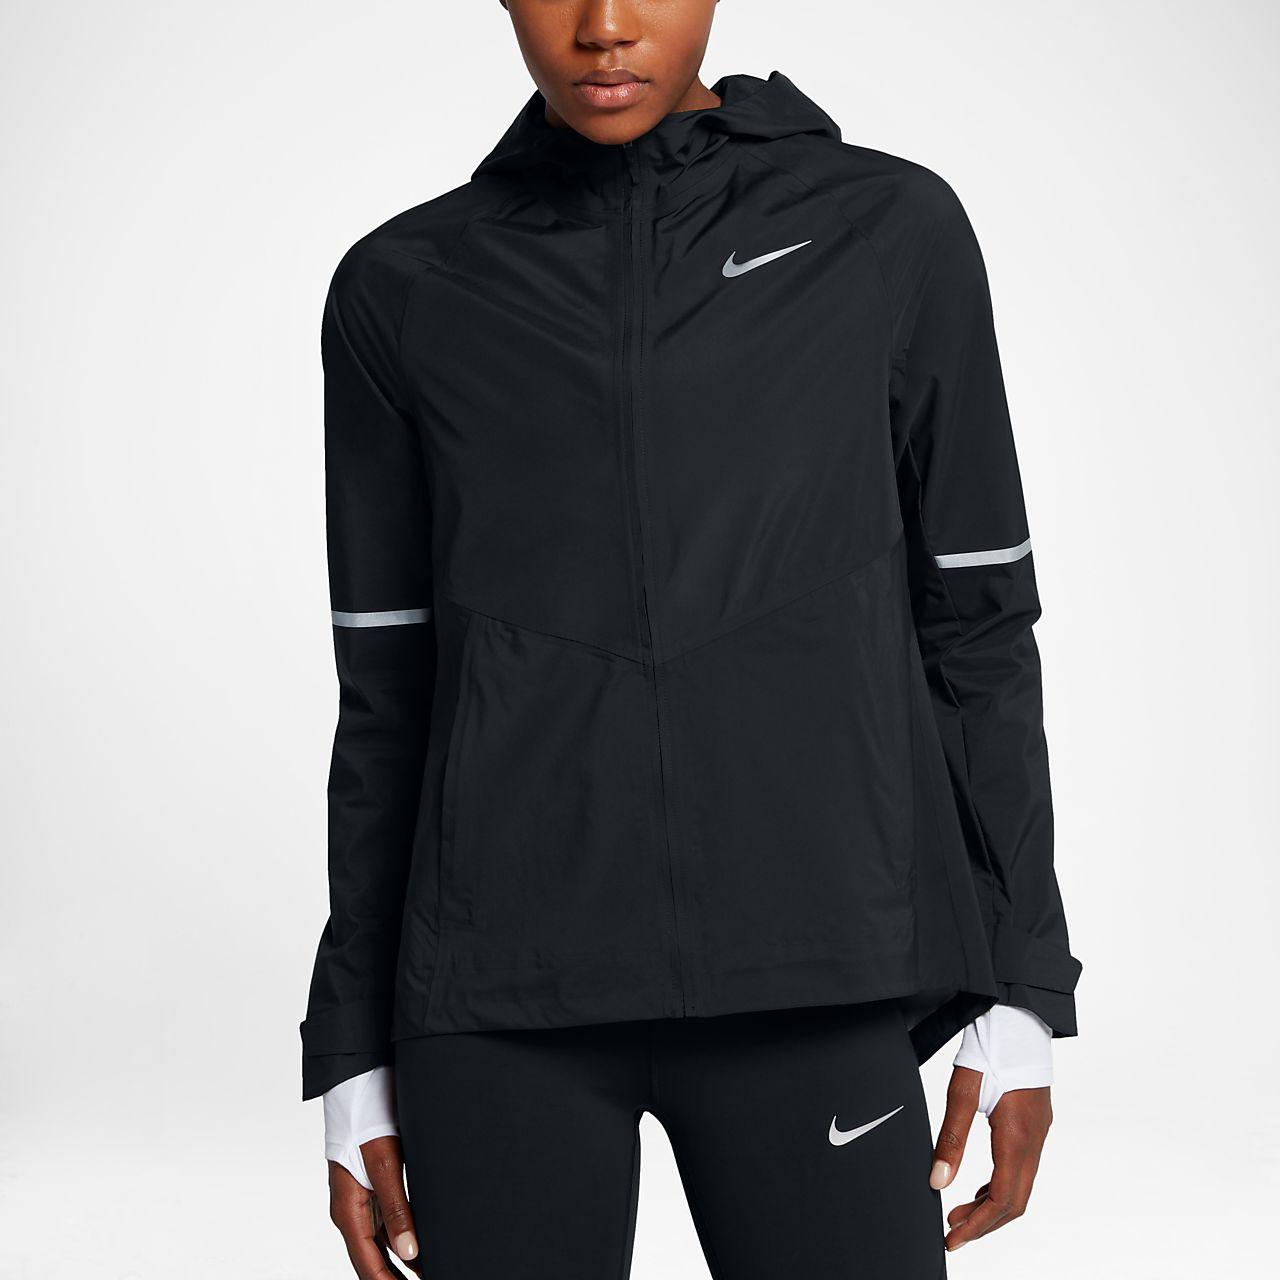 New Nike Zonal Aeroshield Hooded Jacket Black For Women Sale Online